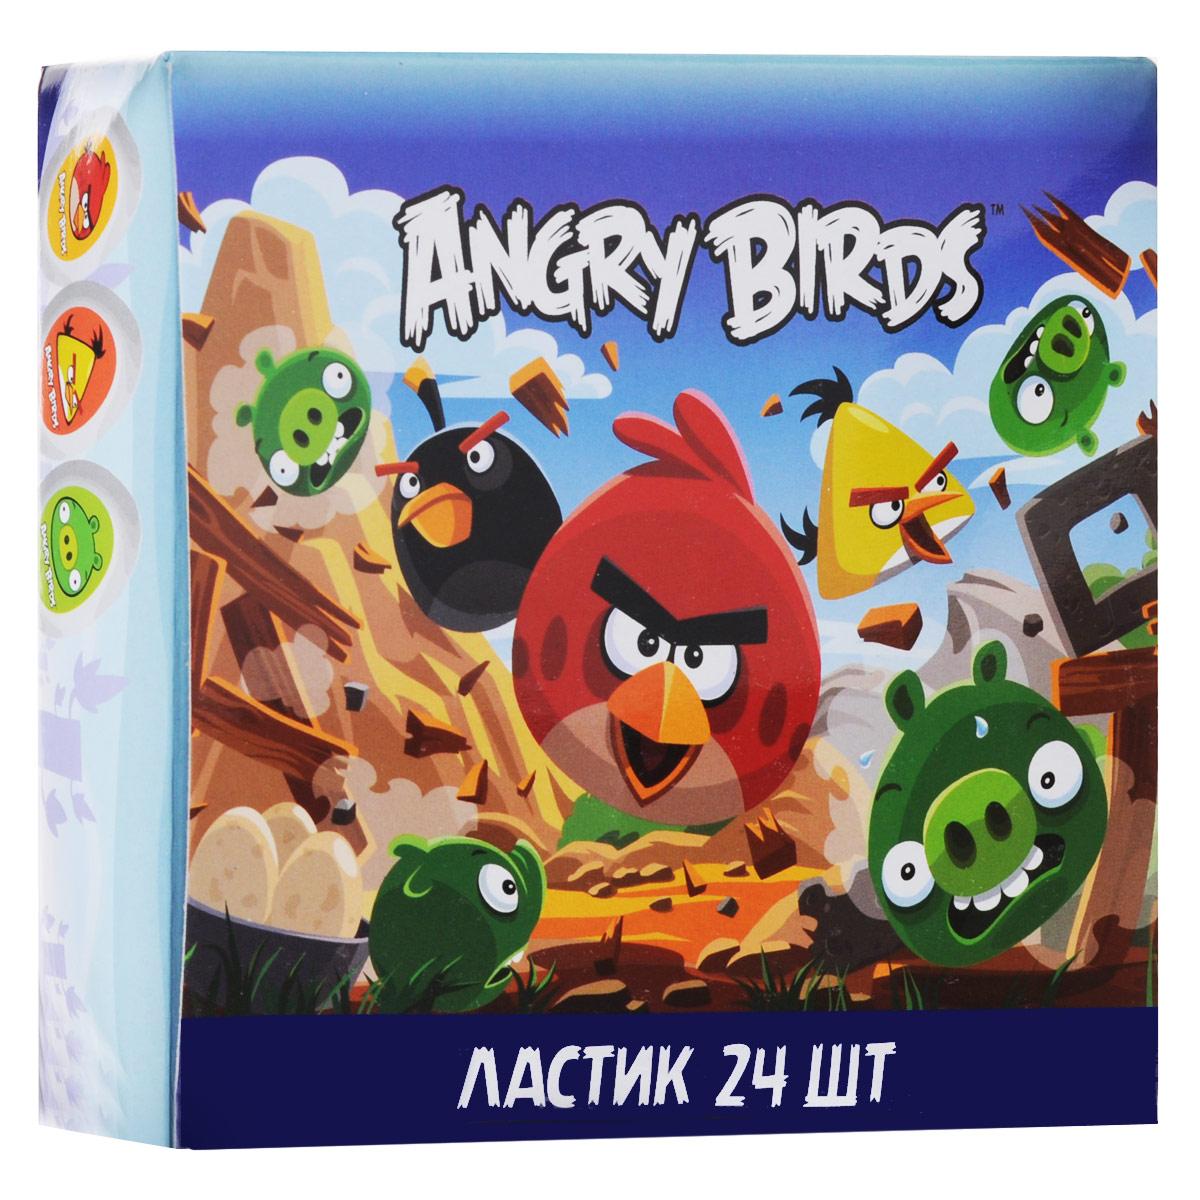 Набор ластиков Angry Birds, 24 шт84403ОЛастики из набора Angry Birds предназначены для стирания карандашей с бумаги различной плотности. Овальные ластики выполнены из синтетического каучука белого цвета. Каждый ластик оформлен изображением одного из персонажей популярной компьютерной игры Angry Birds. В наборе 24 ластика, упакованных в отдельные пакеты.